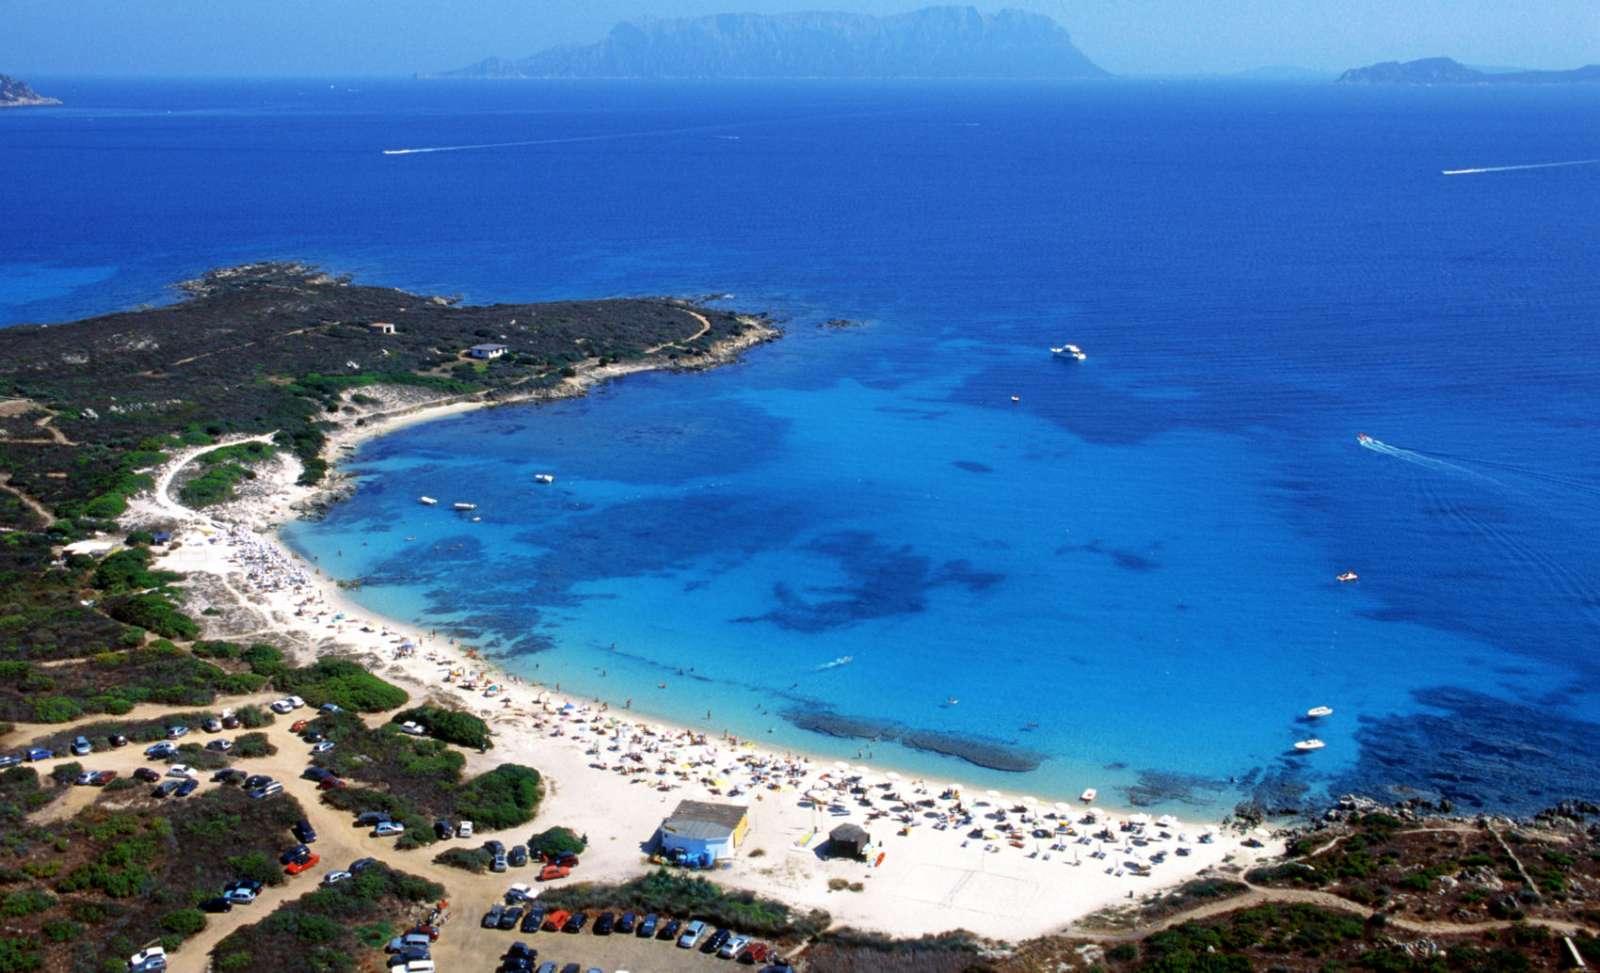 Den fine strand, nemlig Spiaggia Bianca, kort fra ferielejlighederne.